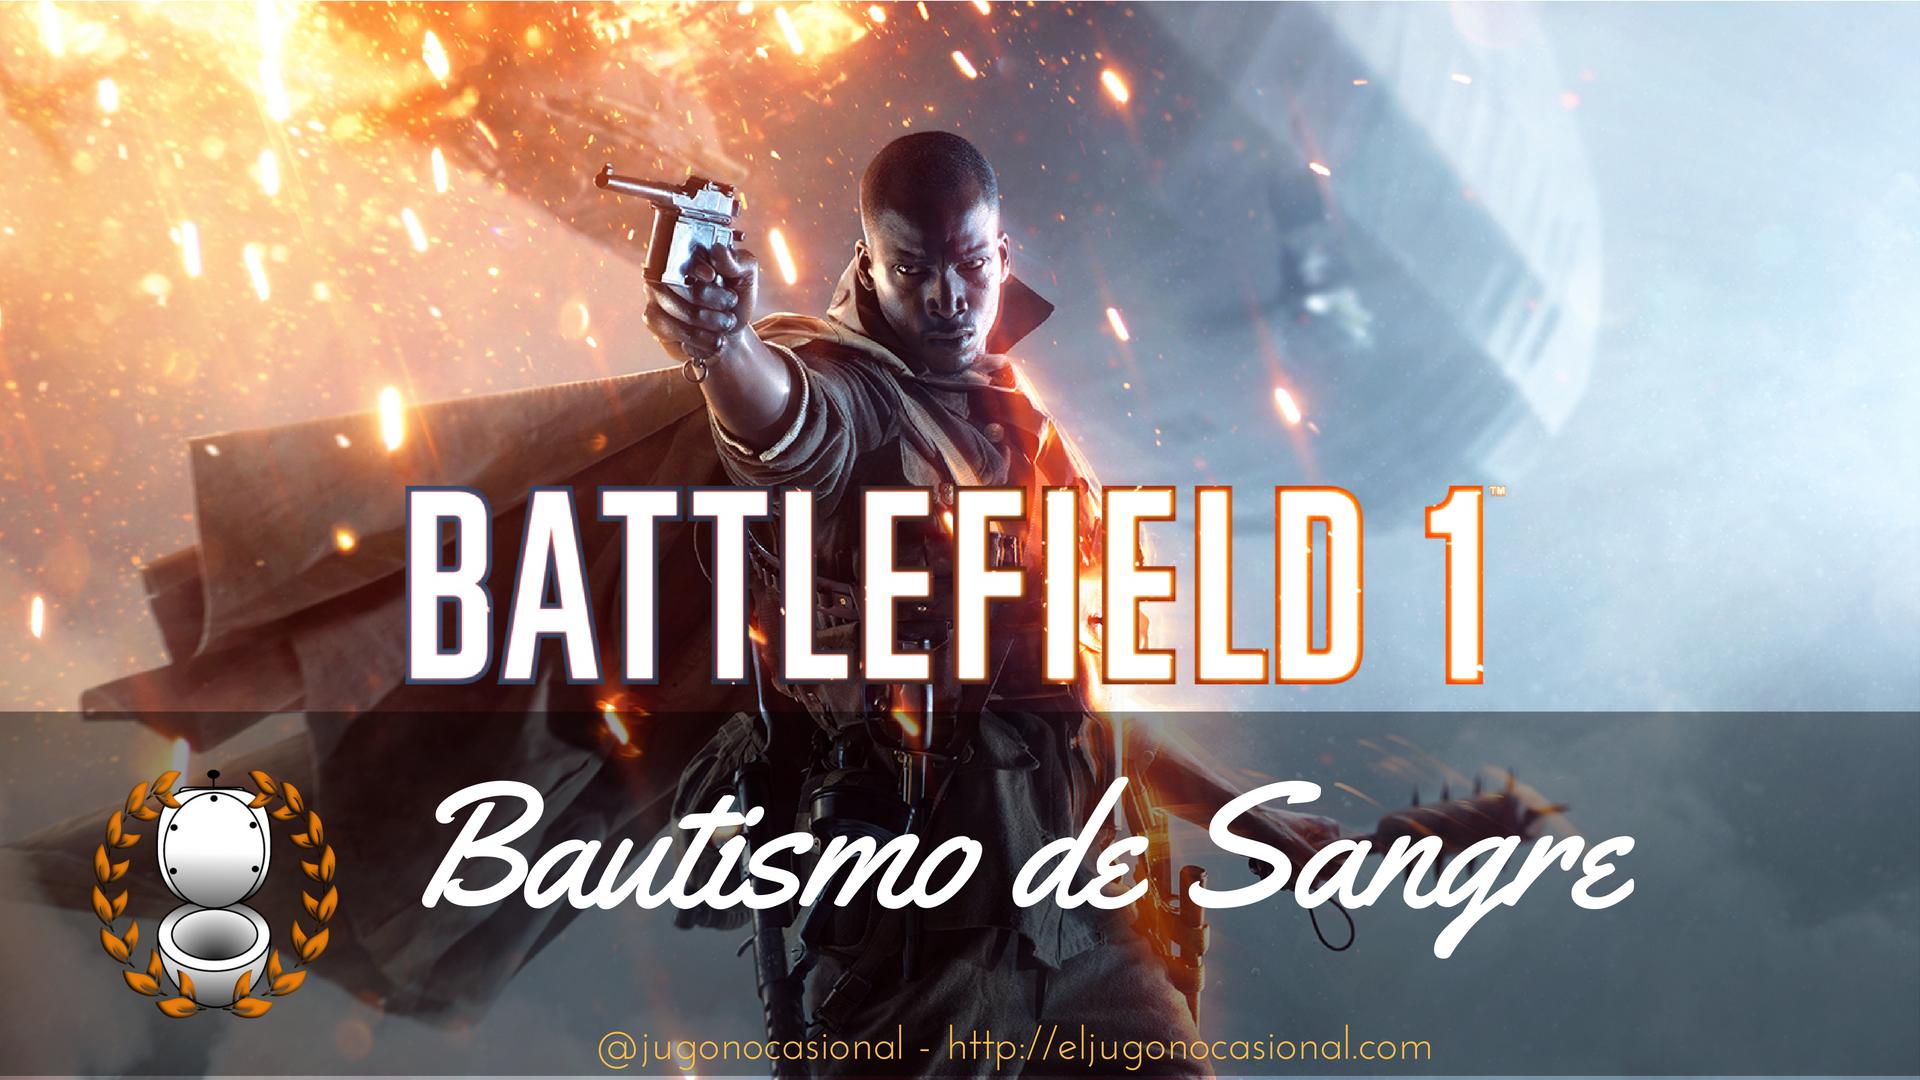 Battlefield 1 - Bautismo de Sangre